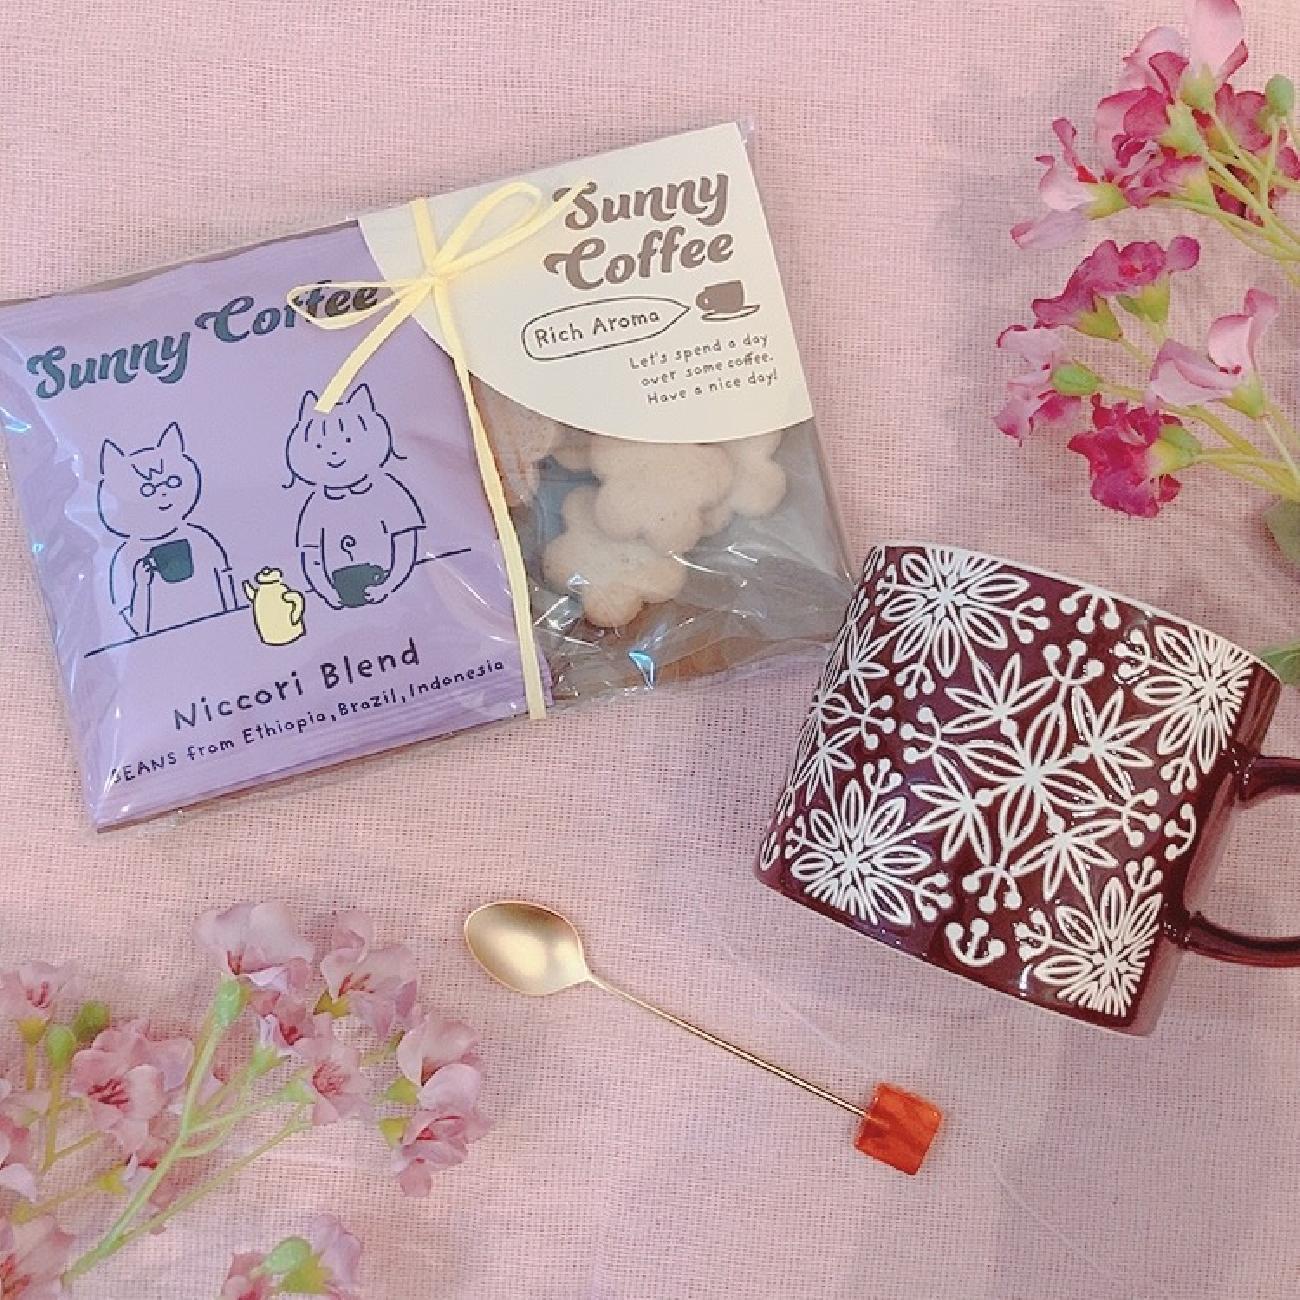 紅茶/コーヒー/ドリップコーヒー/リラックス/リフレッシュ/至福の時間/ティータイム